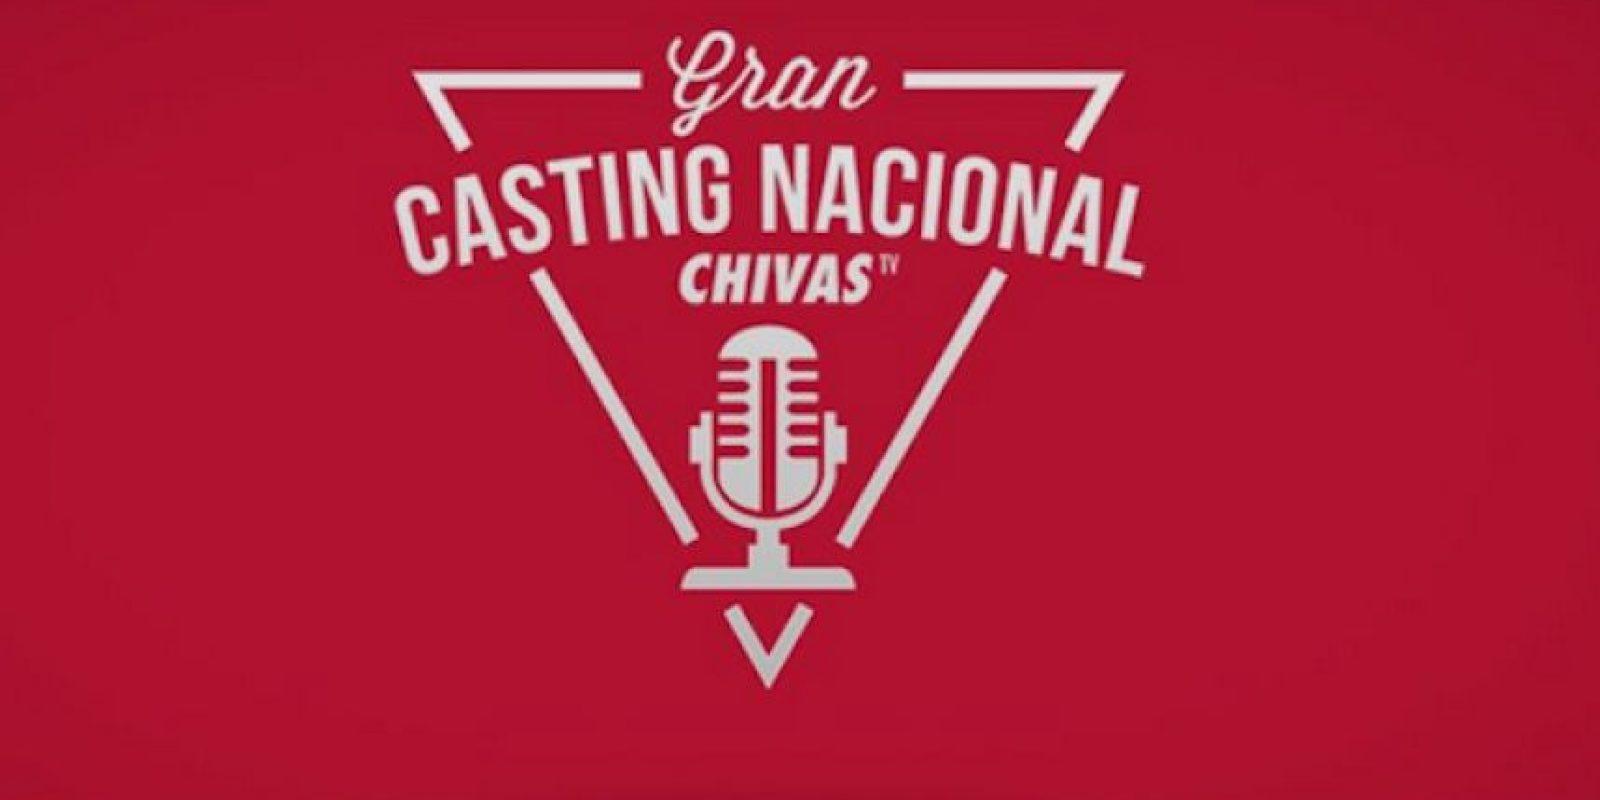 Chivas TV se estrenará en la Liga este sábado. Foto:Twitter: @Chivas